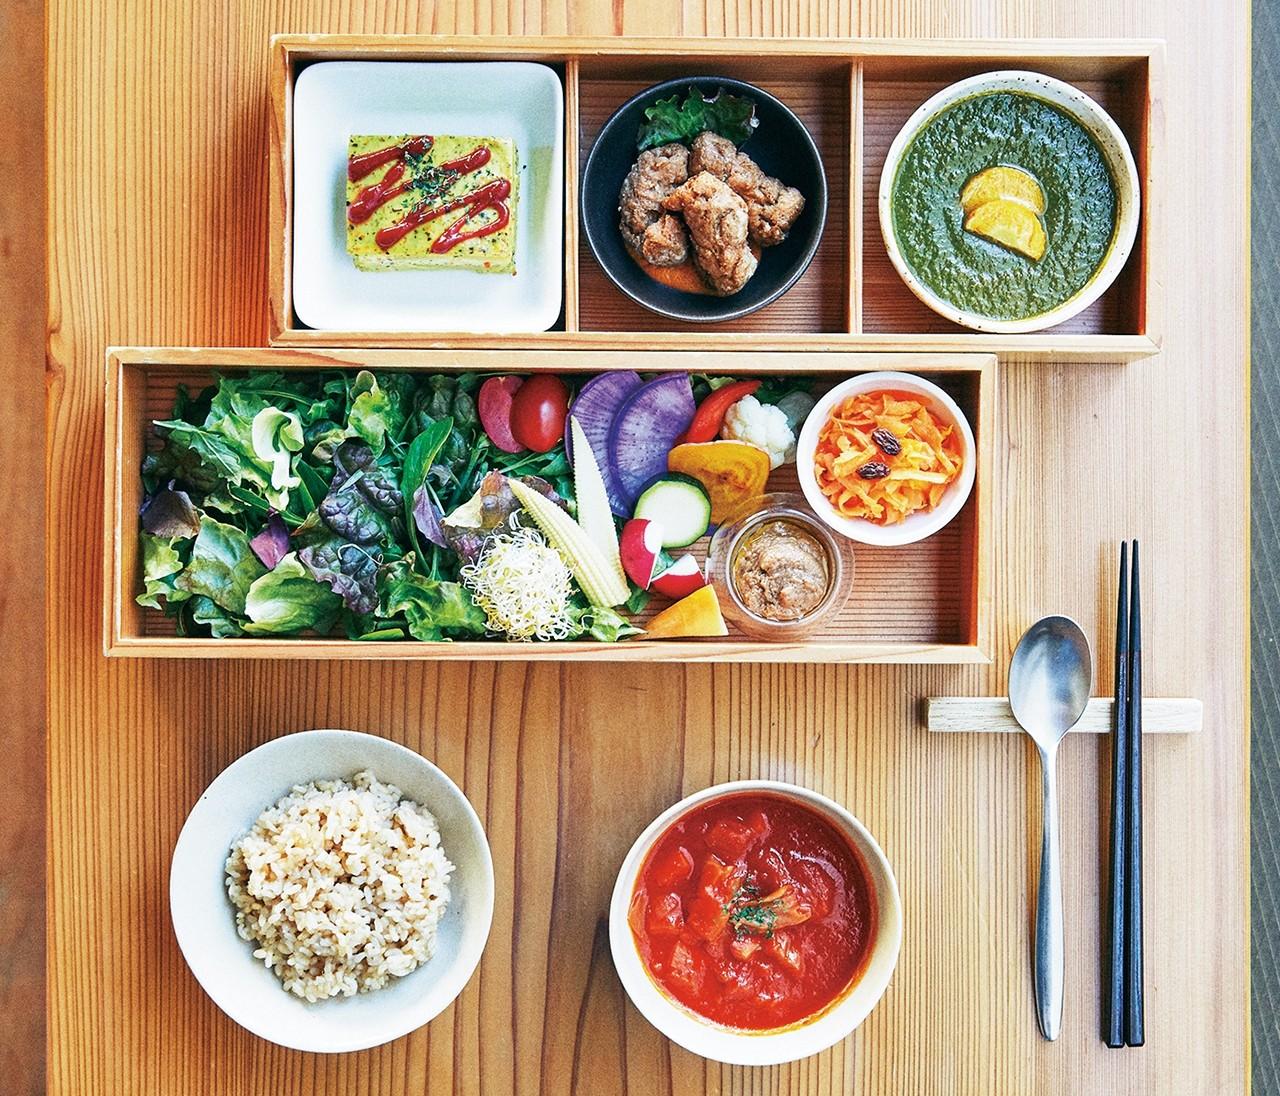 ランチ限定のお膳で自分にご褒美を【TOKYOヴィーガン④】